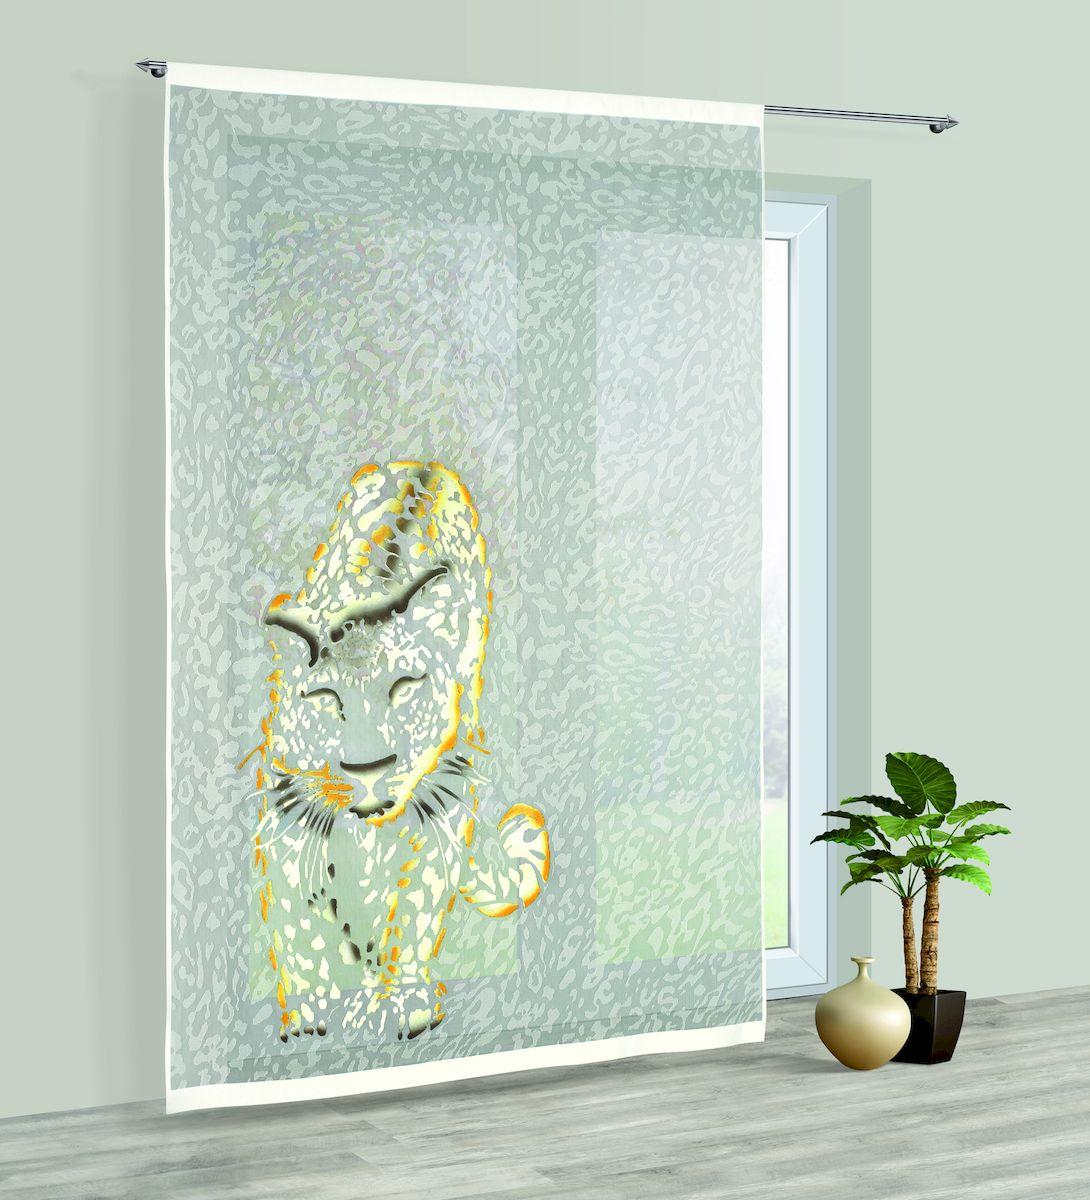 Гардина Haft, на кулиске, цвет: кремовый, высота 250 см. 22878072347_ЛЮВЕРСЫГардина Haft великолепно украсит любое окно. Изделие выполнено из полиэстера и украшено изображением леопарда.Изделие имеет оригинальный дизайн и органично впишется в интерьер помещения.Гардина крепится на карниз при помощи кулиски.